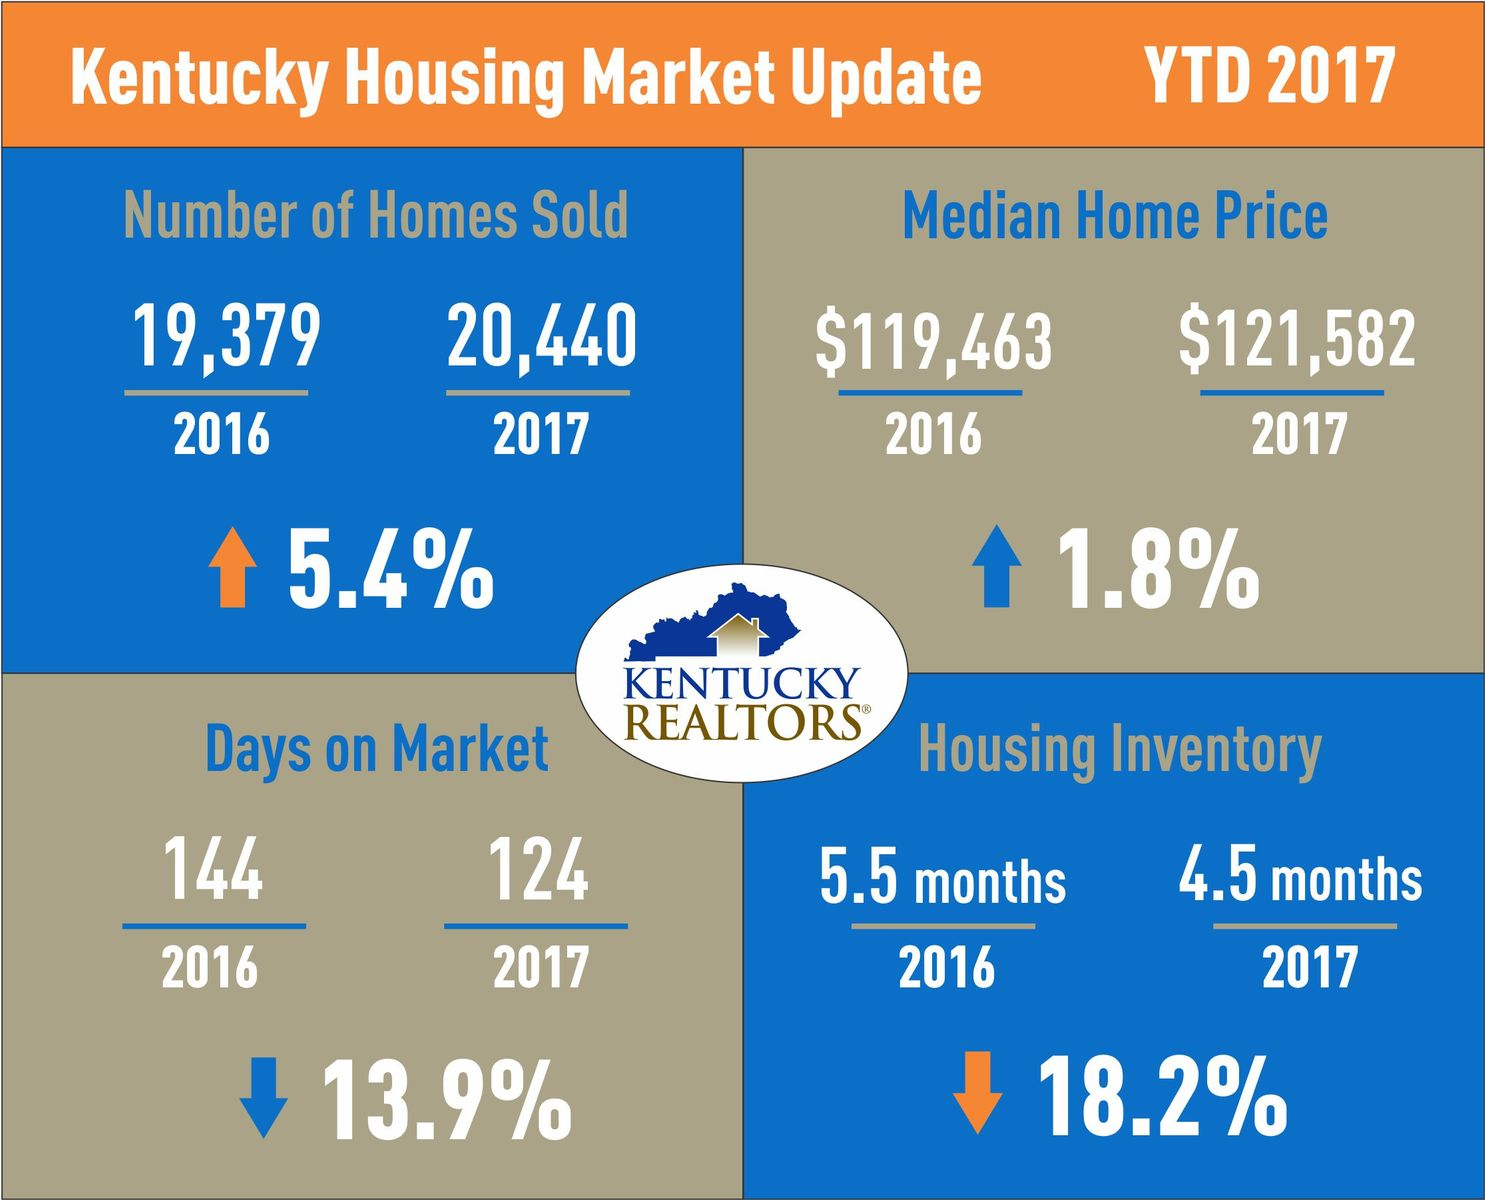 Kentucky Housing Market Update May 2017